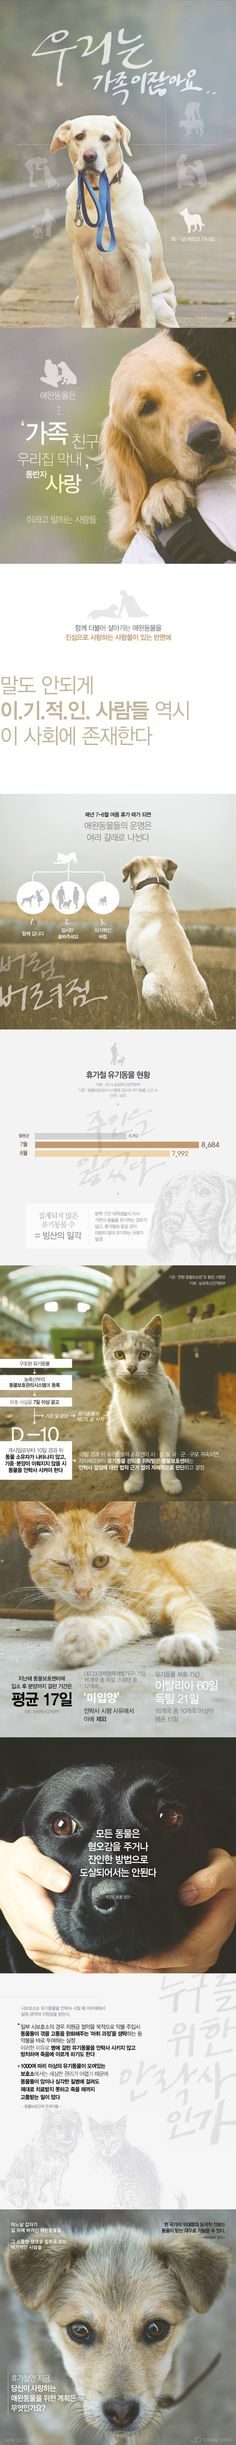 """""""가족 아니었나요?""""…휴가철 버림받는 반려동물 [인포그래픽] #Animal / #Infographic ⓒ 비주얼다이브 무단 복사·전재·재배포 금지"""